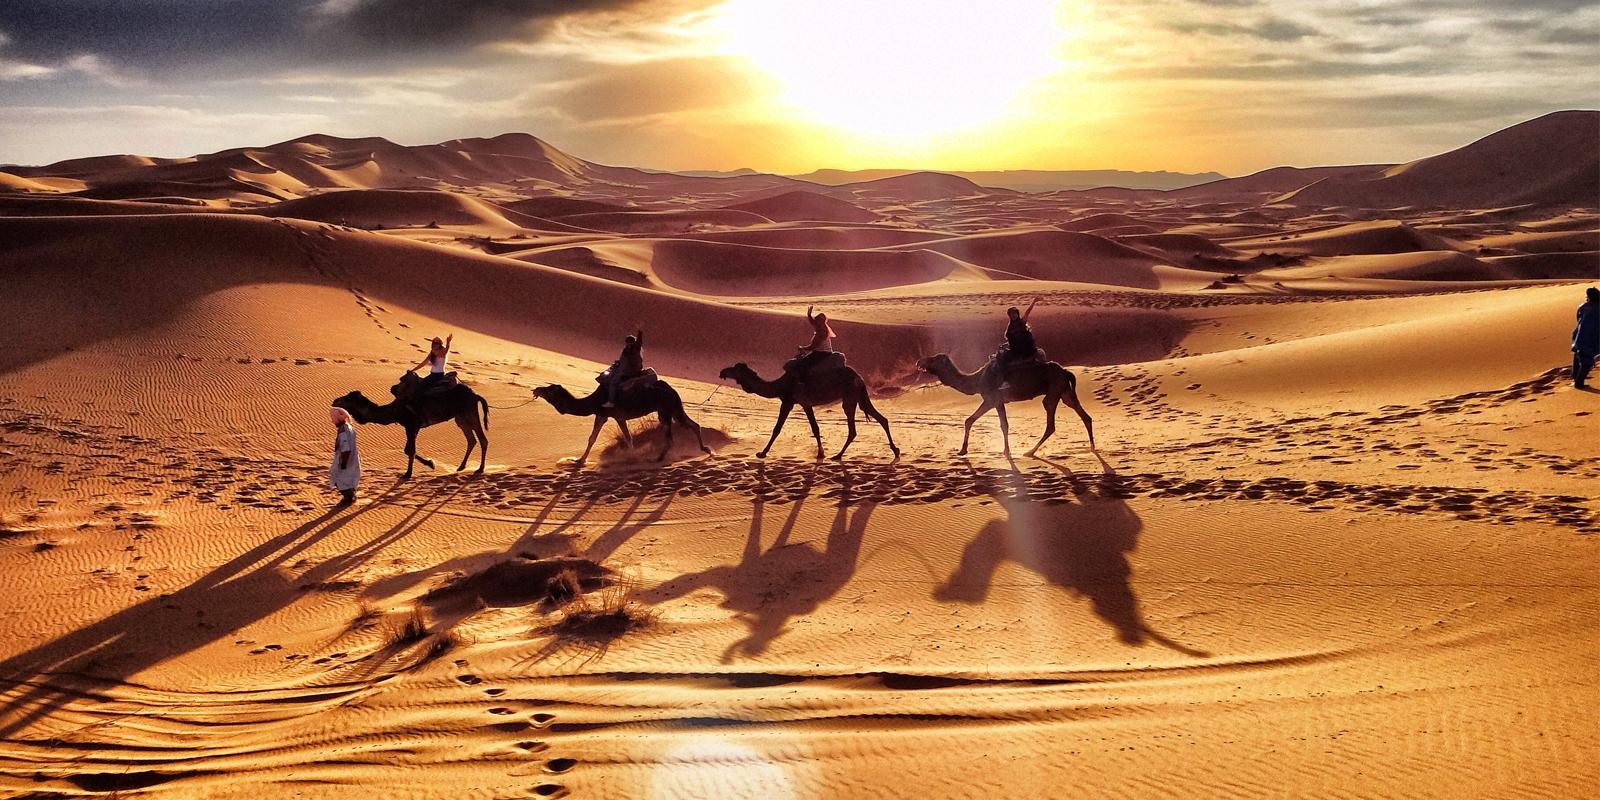 Merzouga: Tour to The Great South | Maroc Excursion